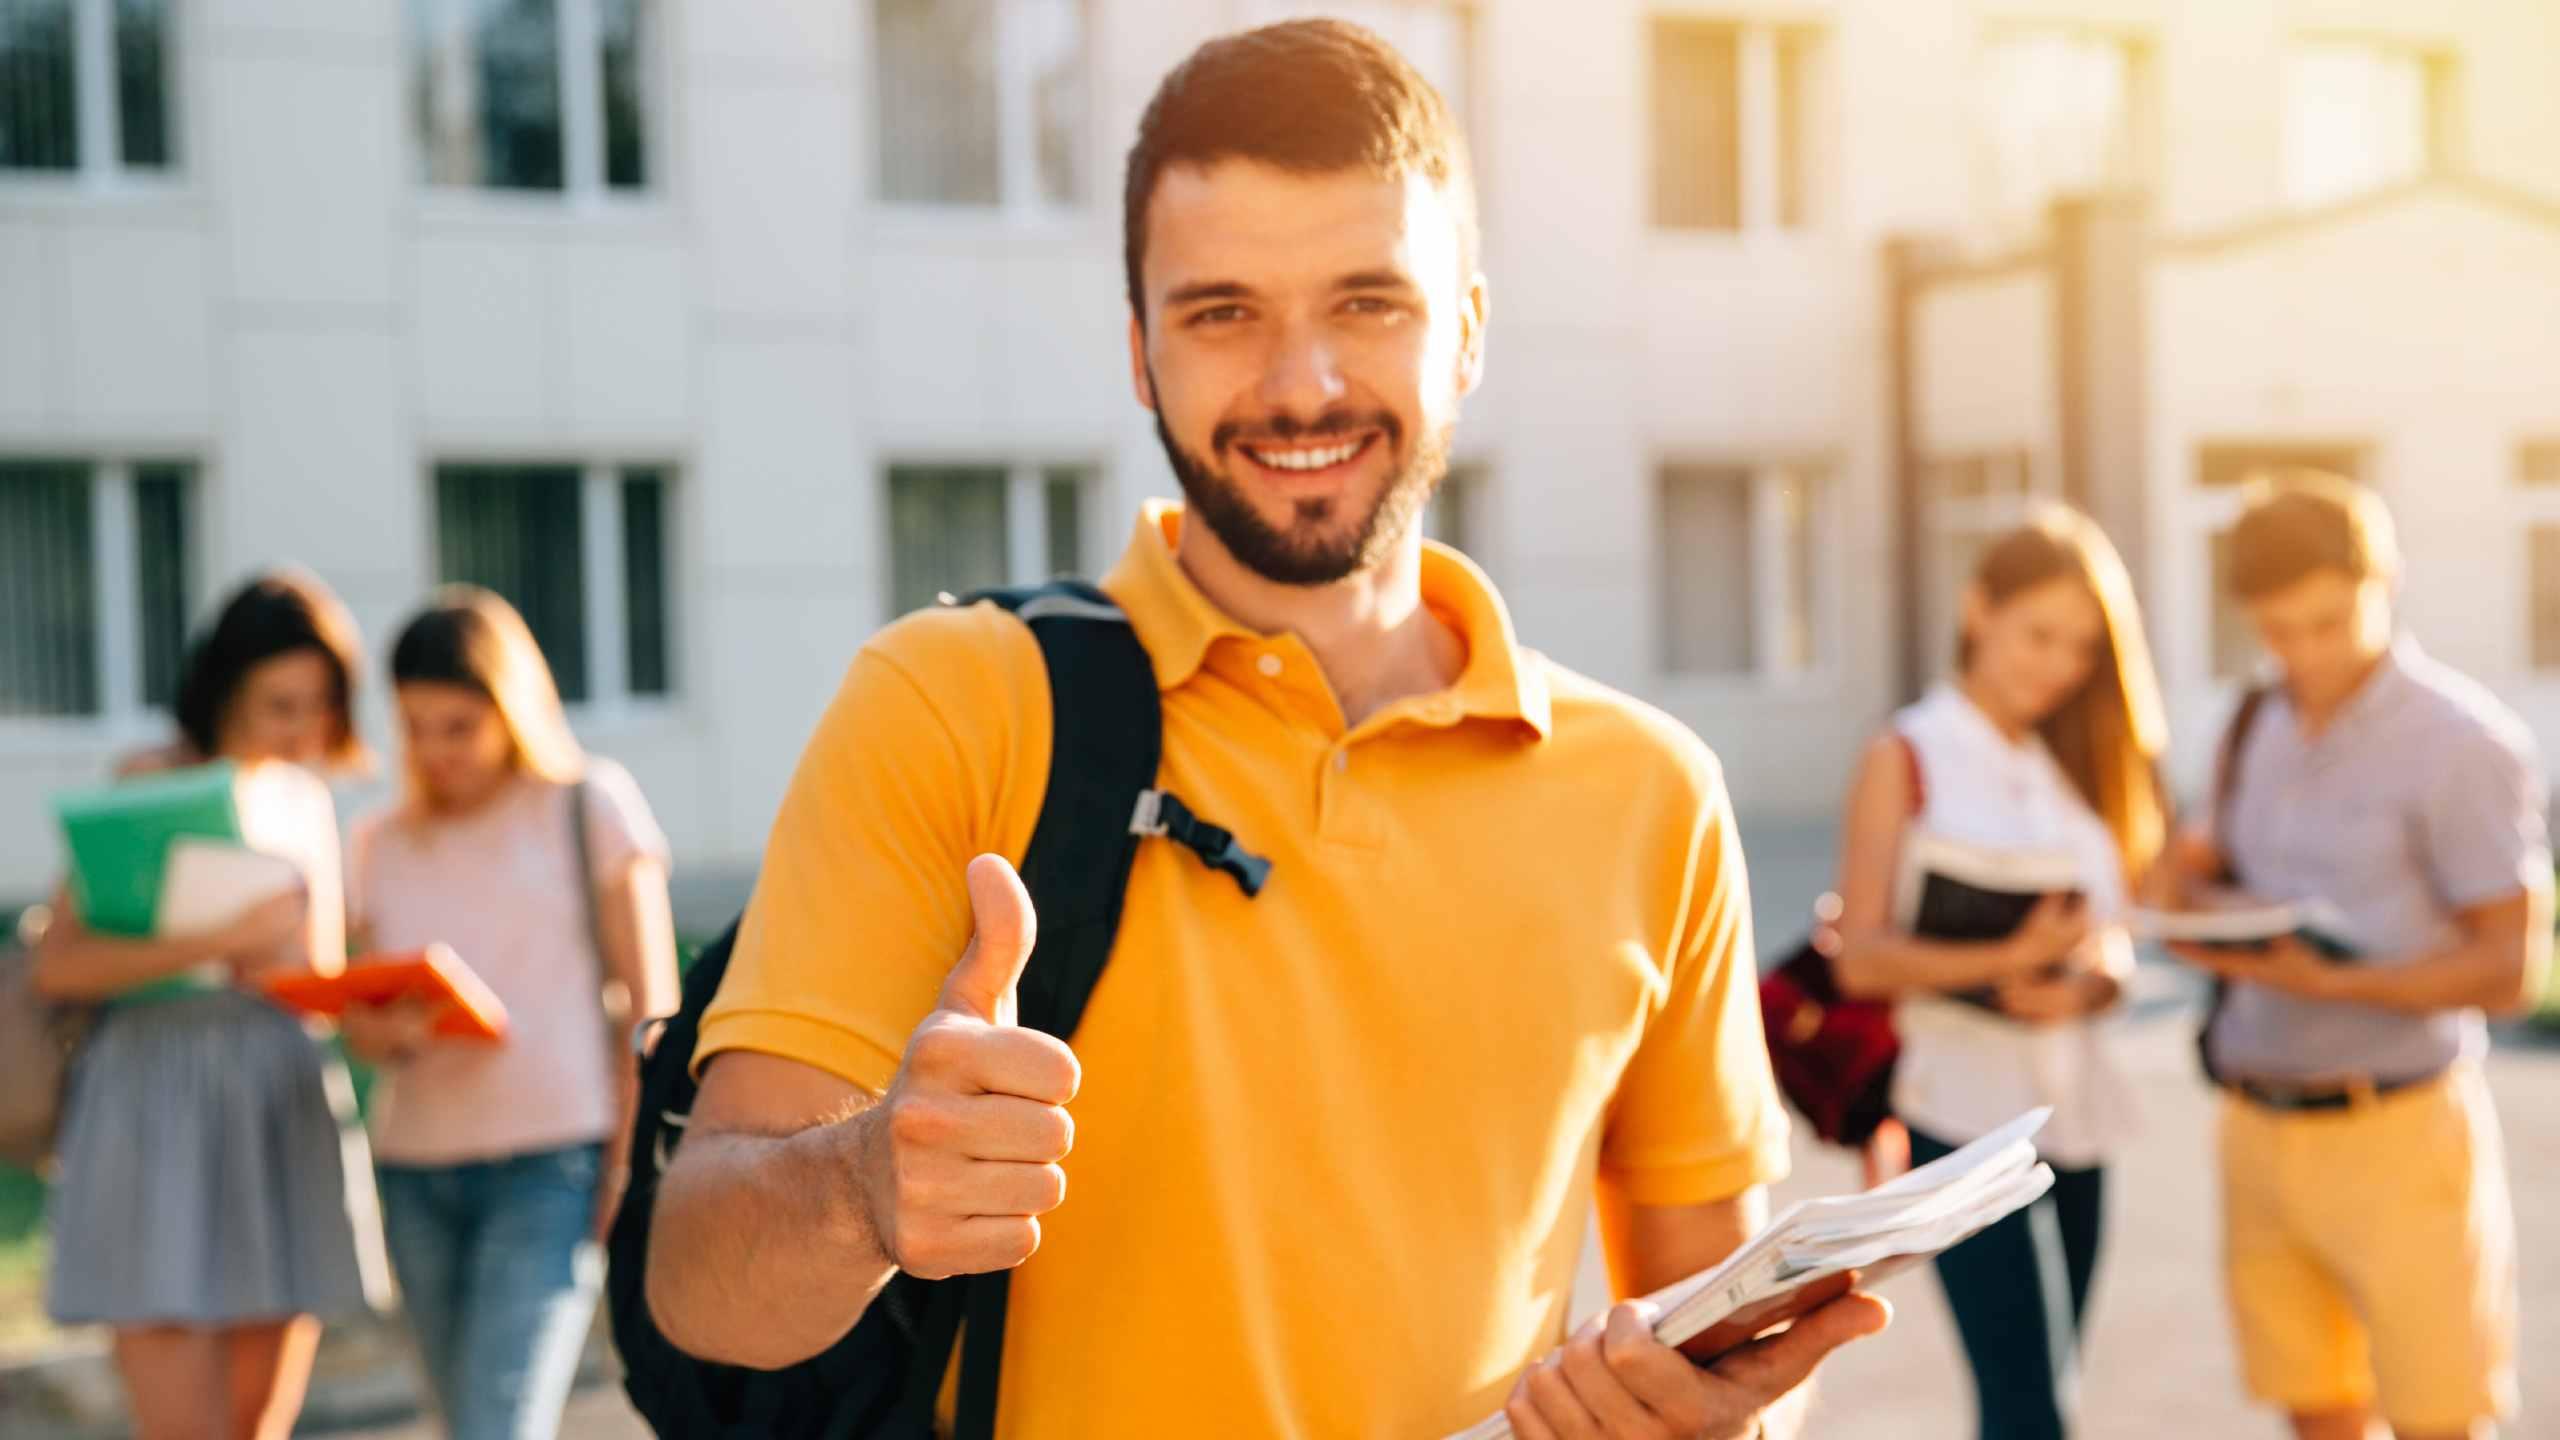 Estudiante sonriente atractivo joven que muestra el pulgar para arriba al aire libre en campus en la universidad